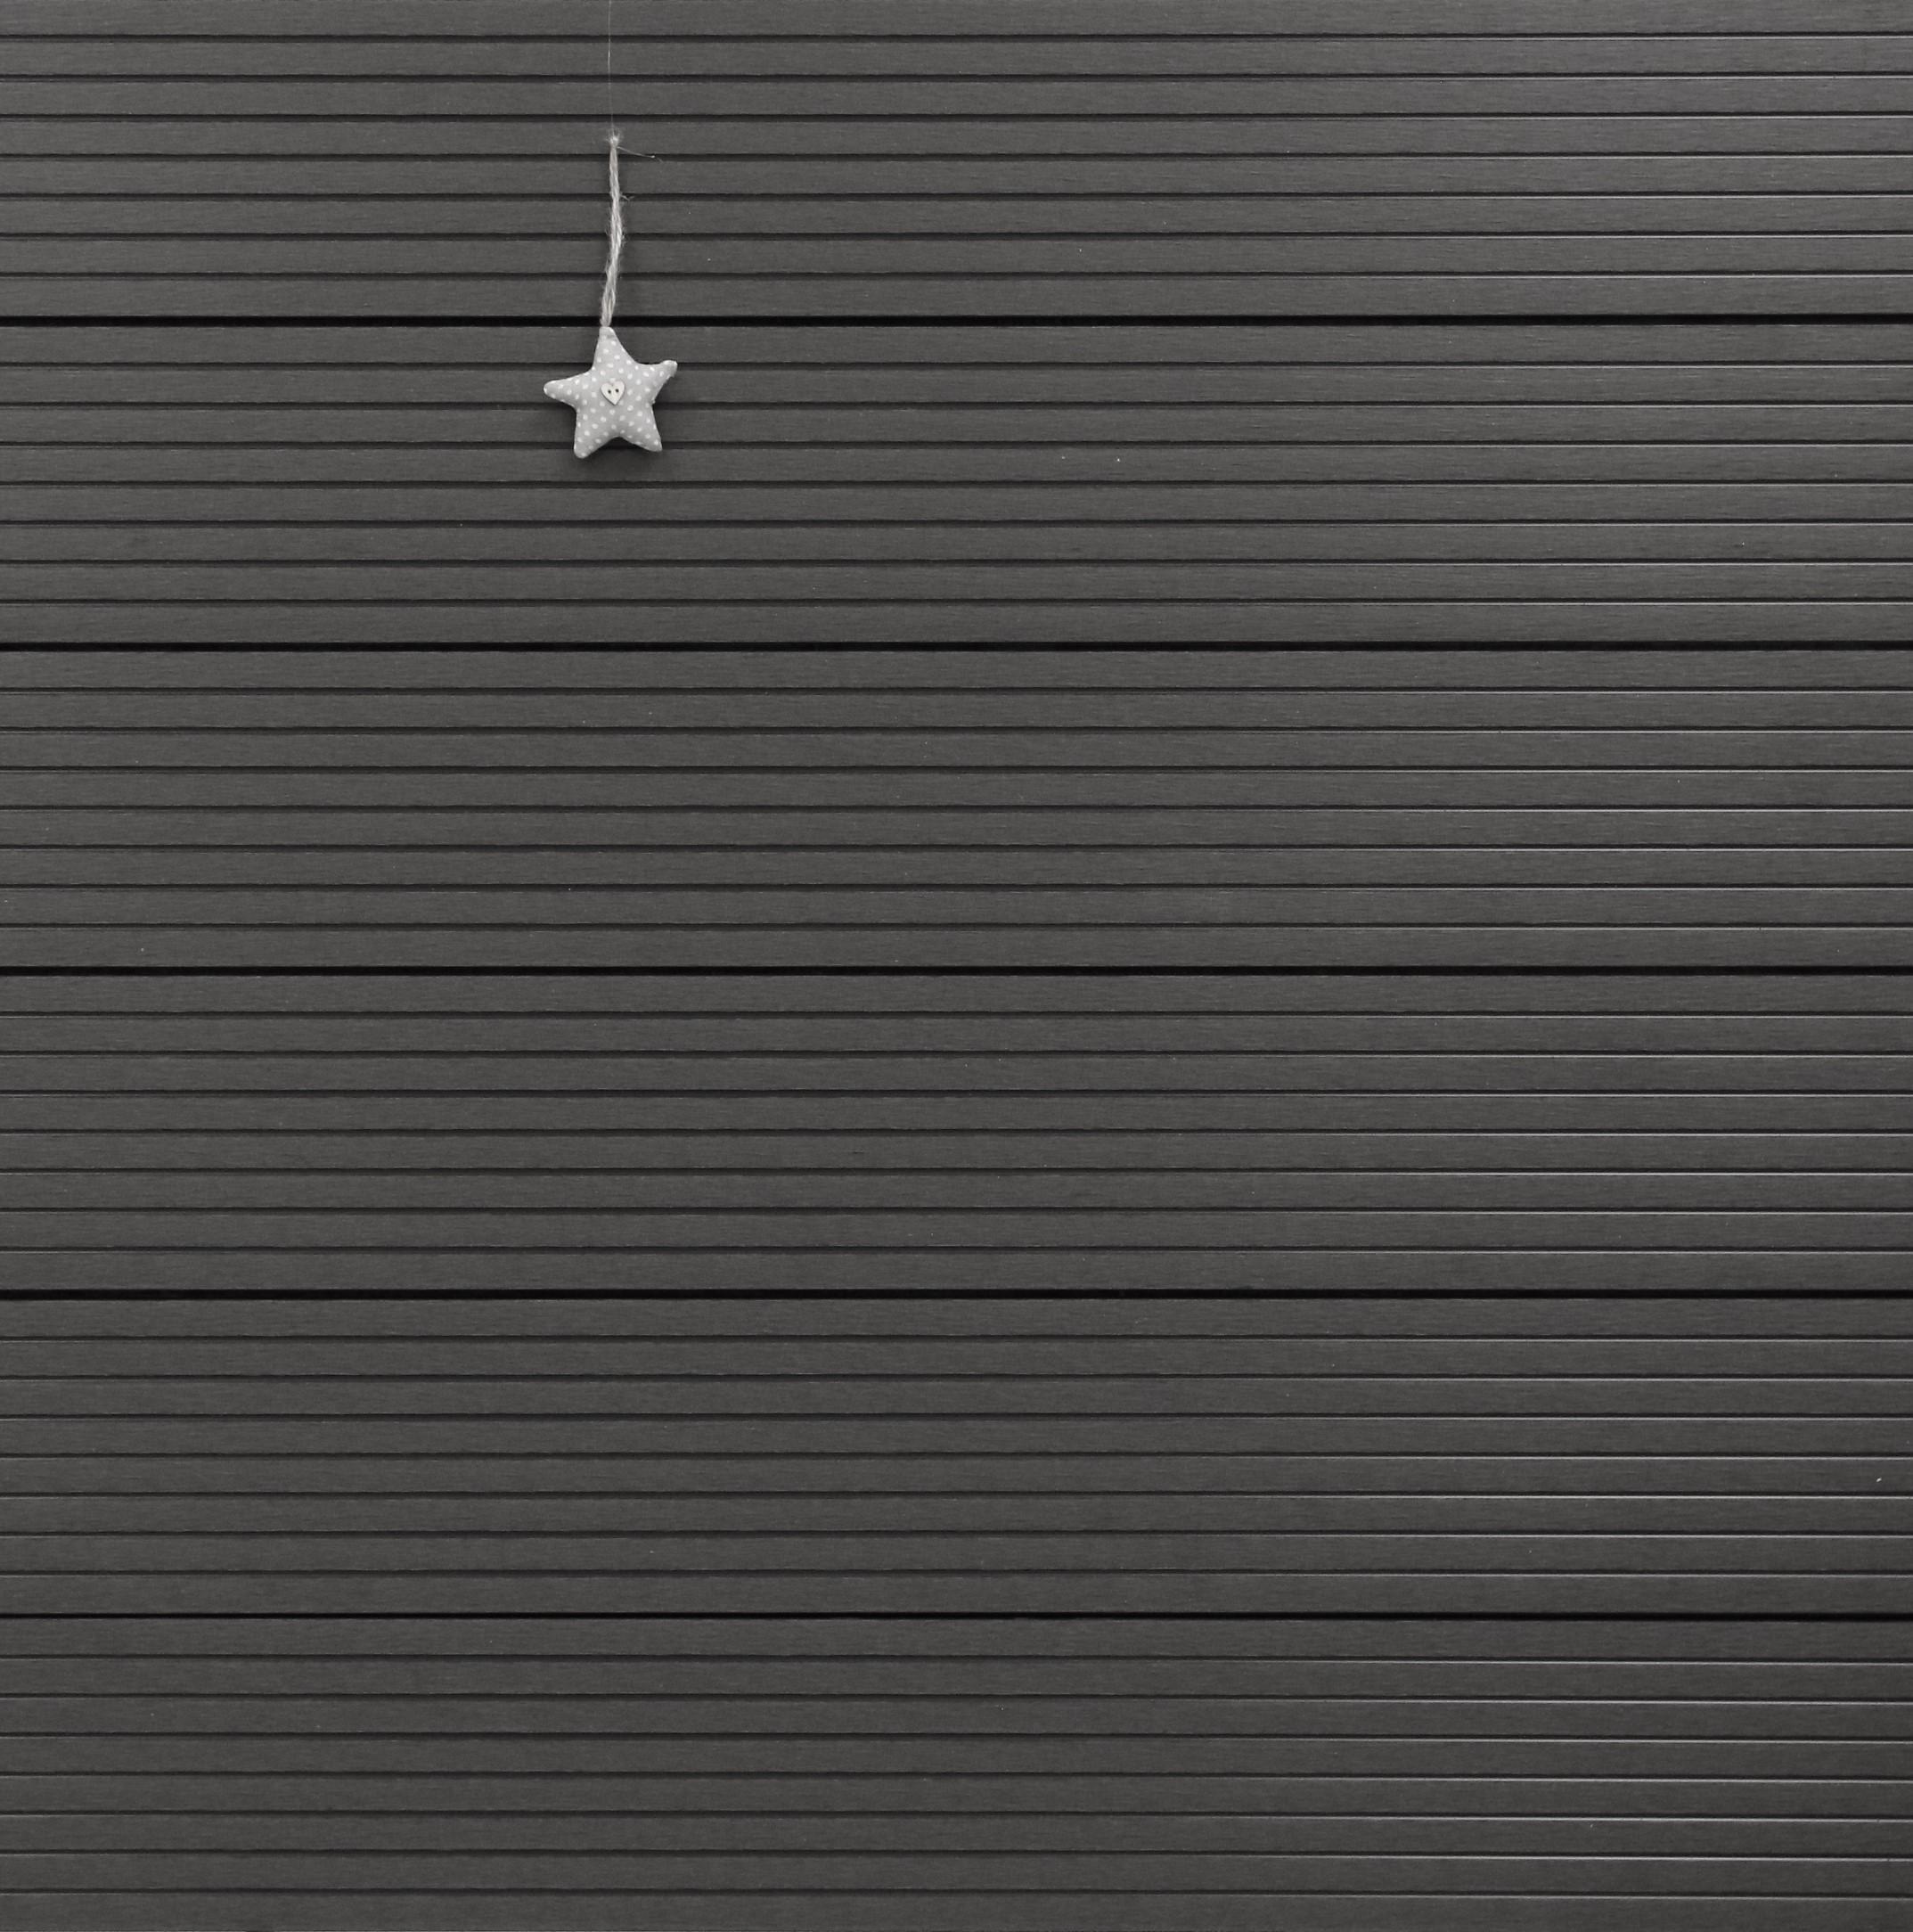 WPC Terrassendielen Hohlkammer, Oberfläche grob genutet, Farbton dunkelgrau, 22 x 146 bis 4800 mm für 5,30 €/lfm